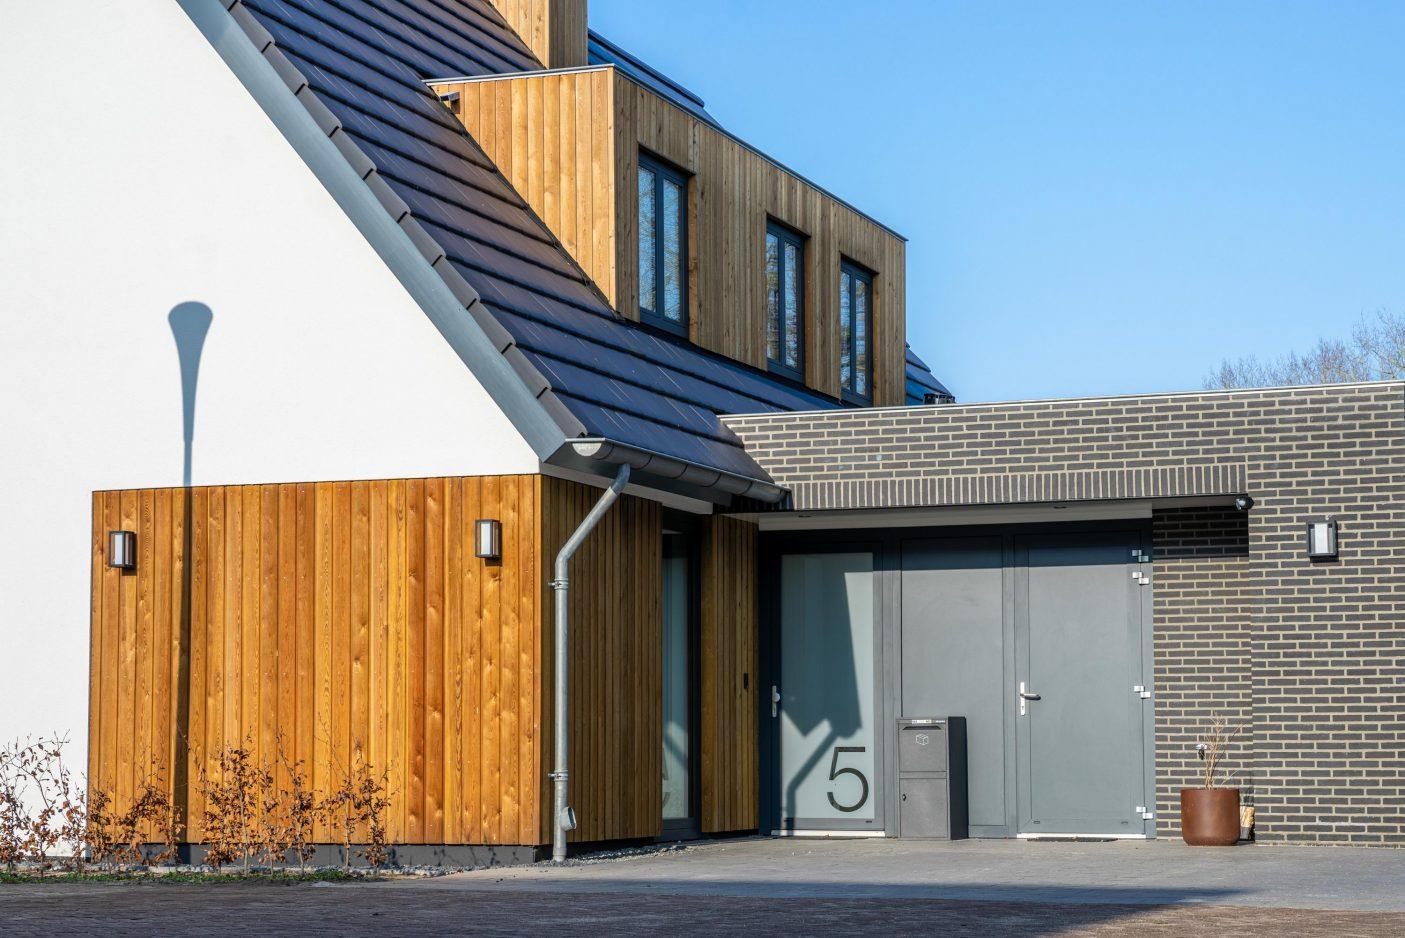 marten-ontwerpt-wevershof-heino-12-1.jpg